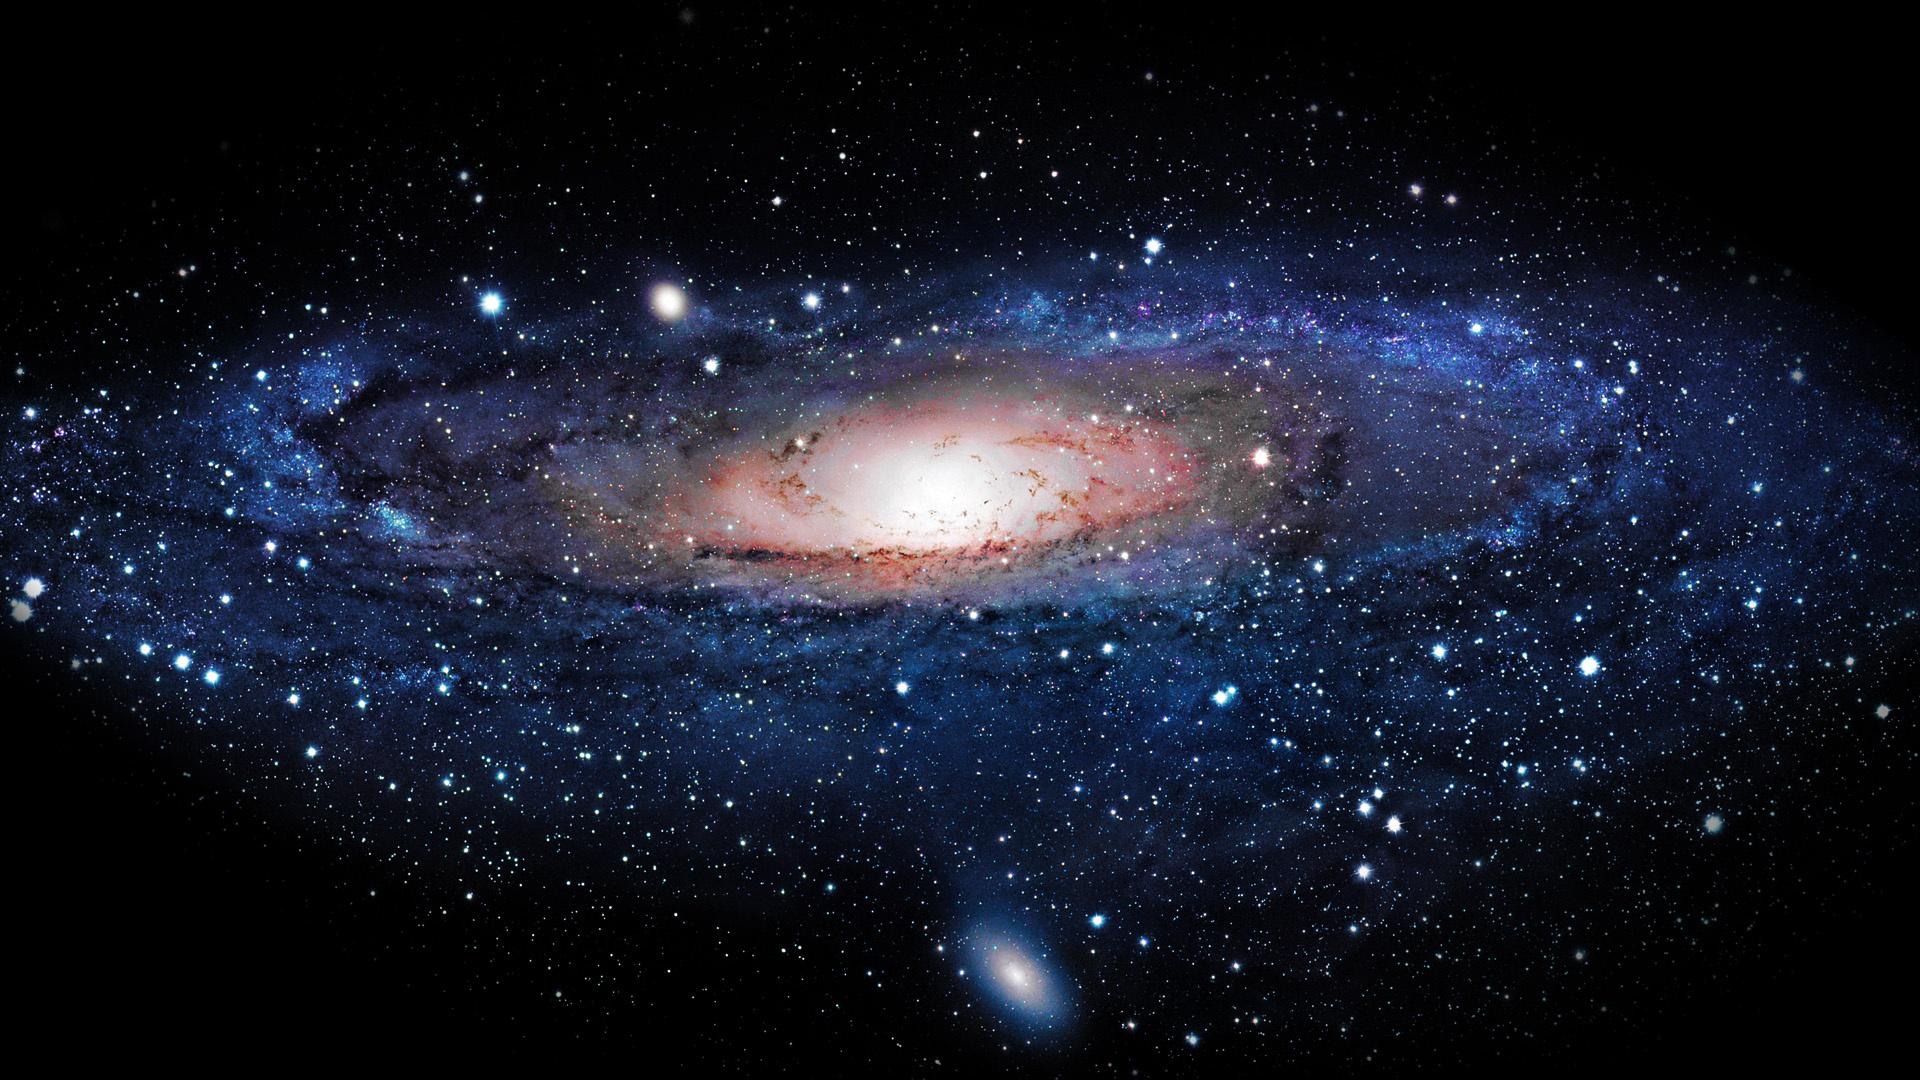 nasha-galactika-cosmos-mlechnii-put'1